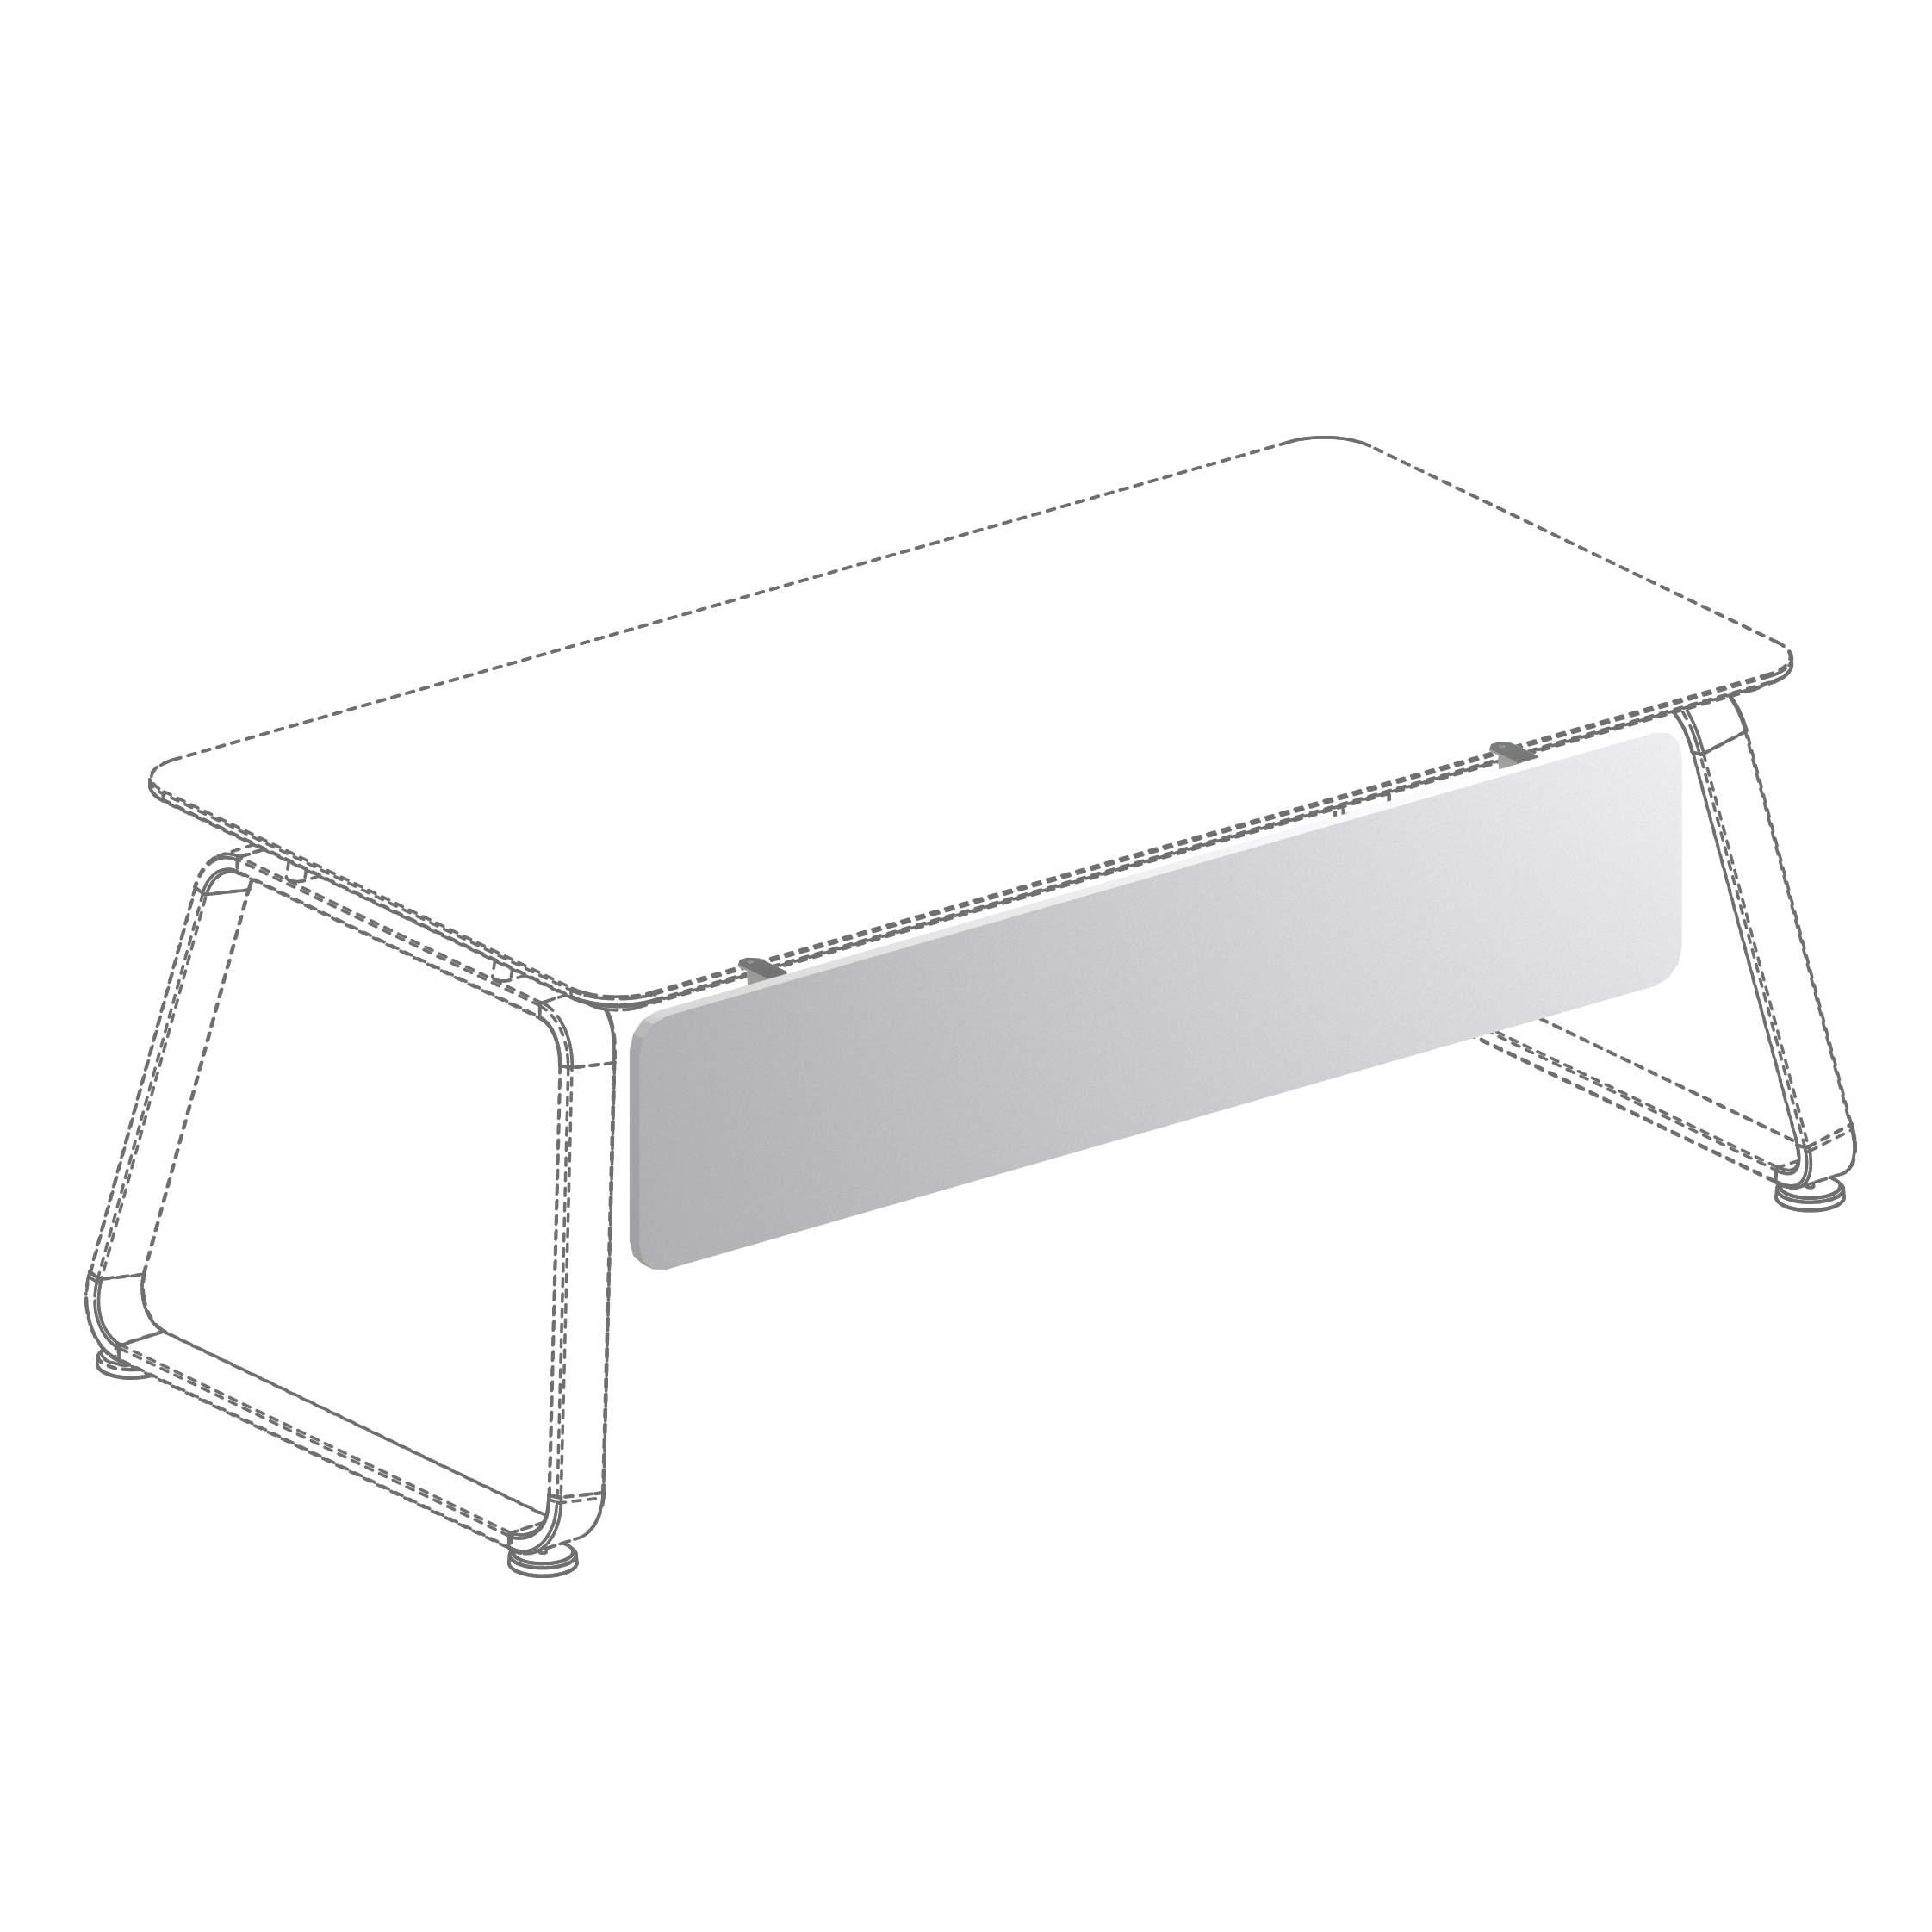 Фронтальная панель к столу на опорной тумбе 1443x18x300